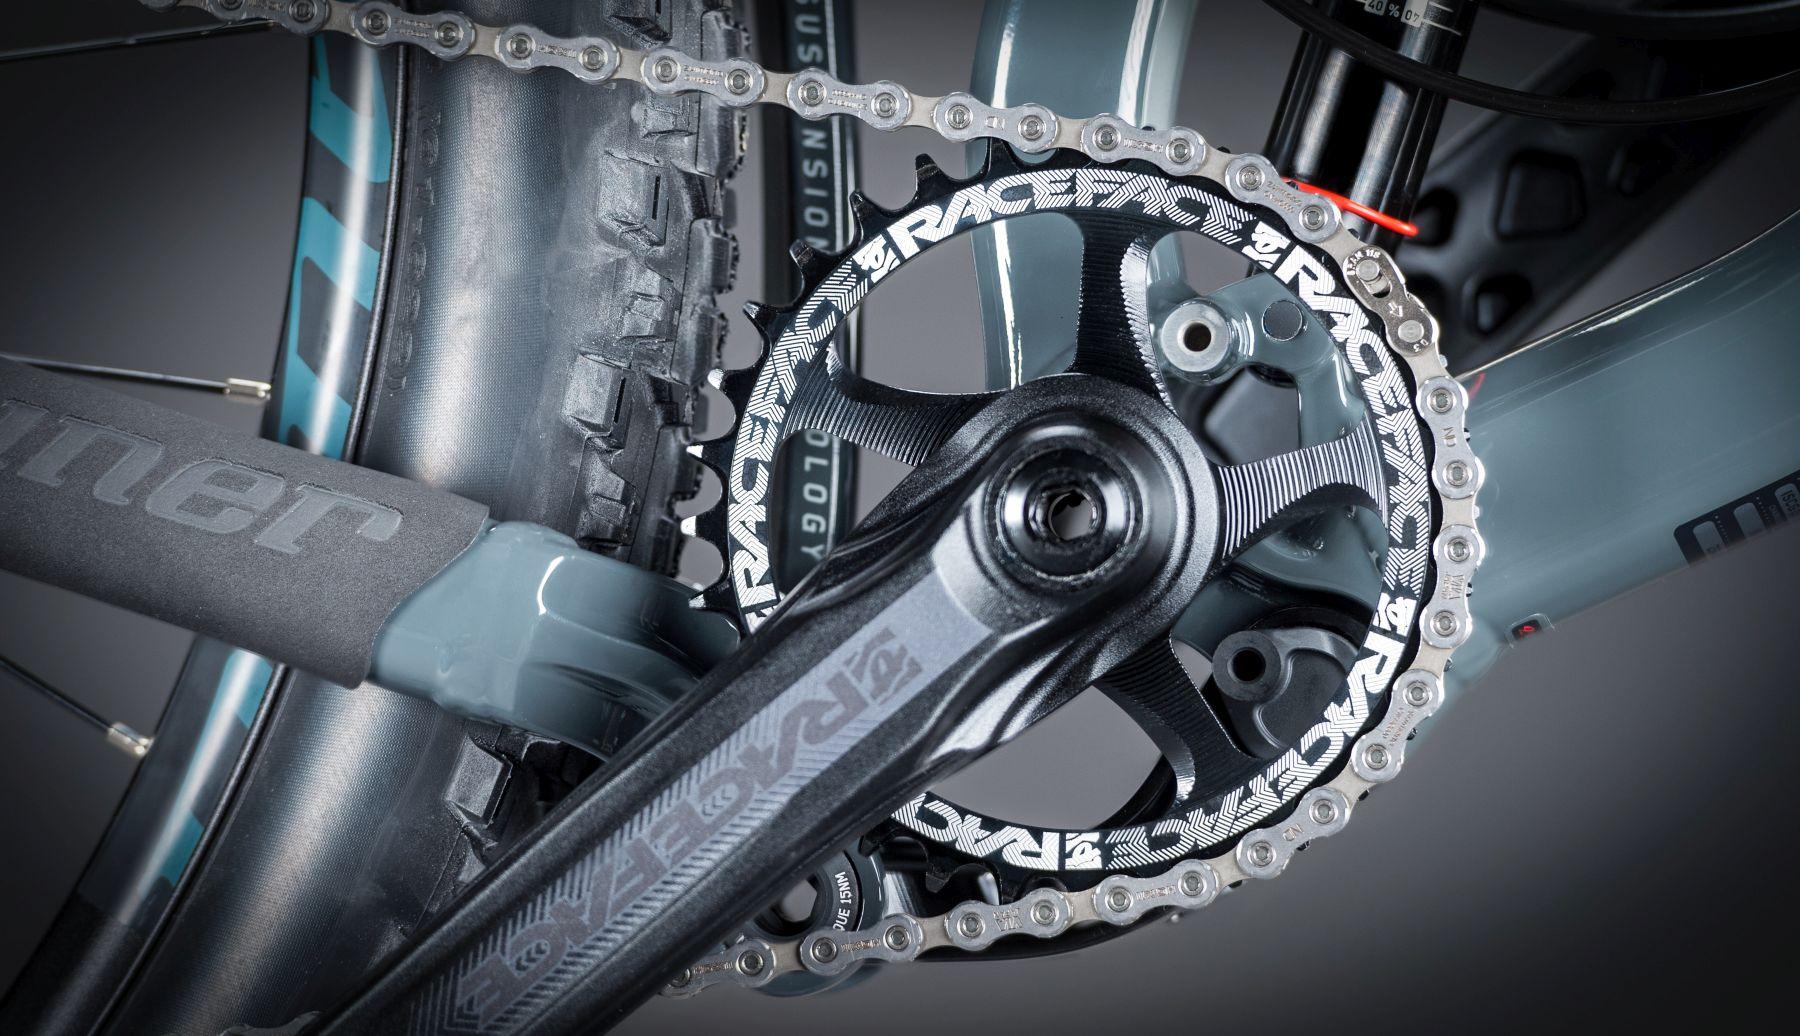 Boost que permite rediseñar toda la parte trasera de la bicicleta